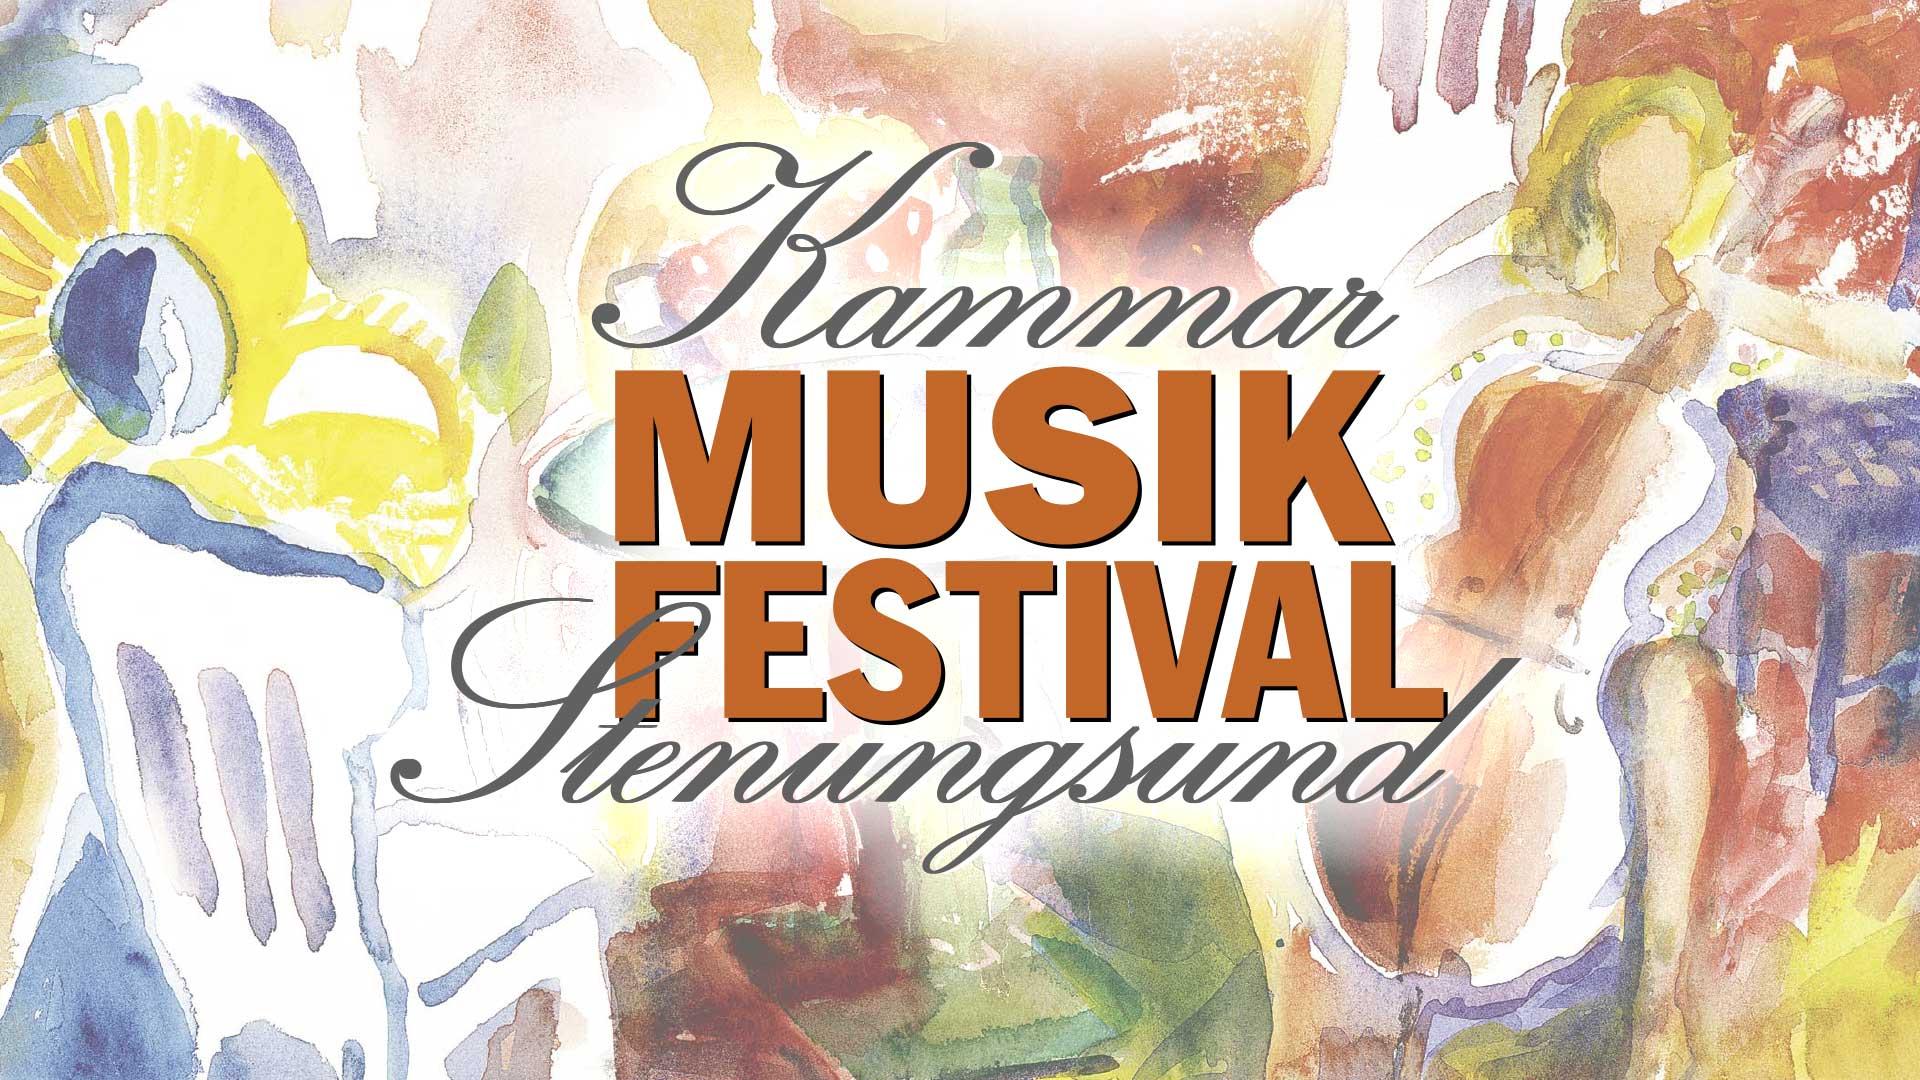 Stenungsund kammarmusikfestival